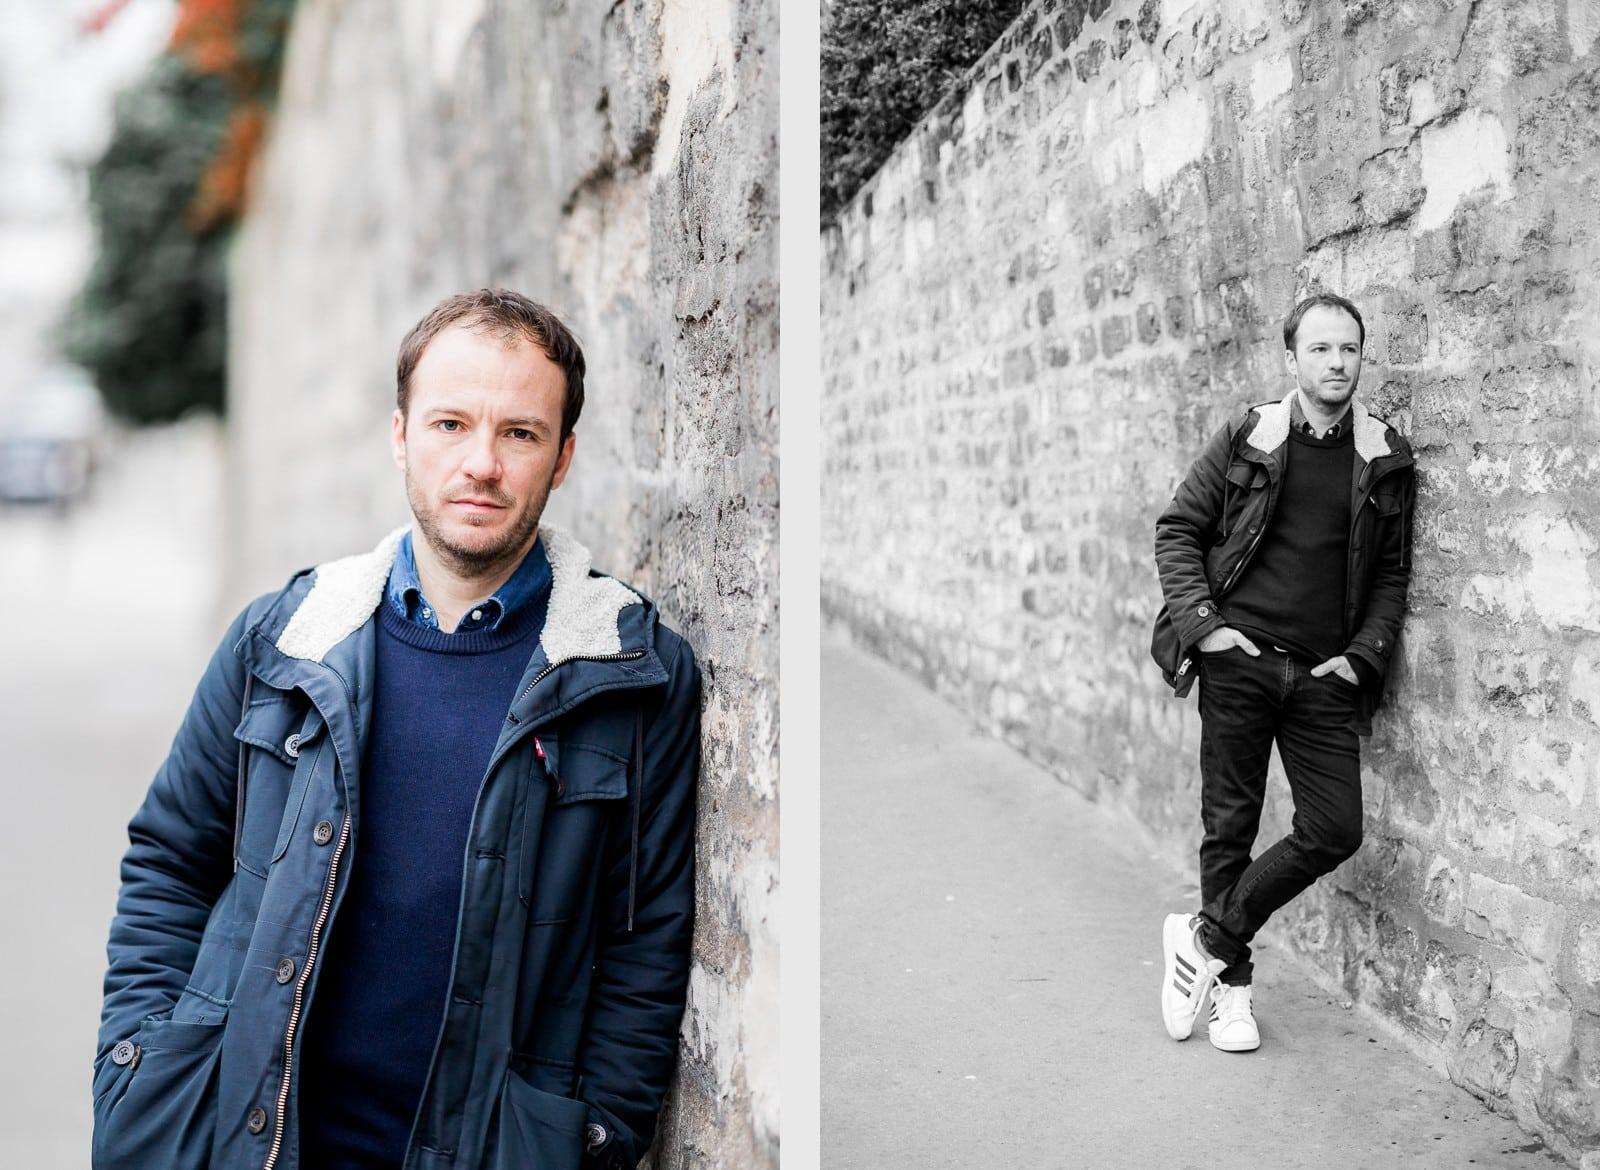 Photographie de Mathieu Dété, photographe de mariage et portrait sur l'île de la Réunion (974), présentant un portrait du chanteur Benoît Dorémus contre un mur de pierres